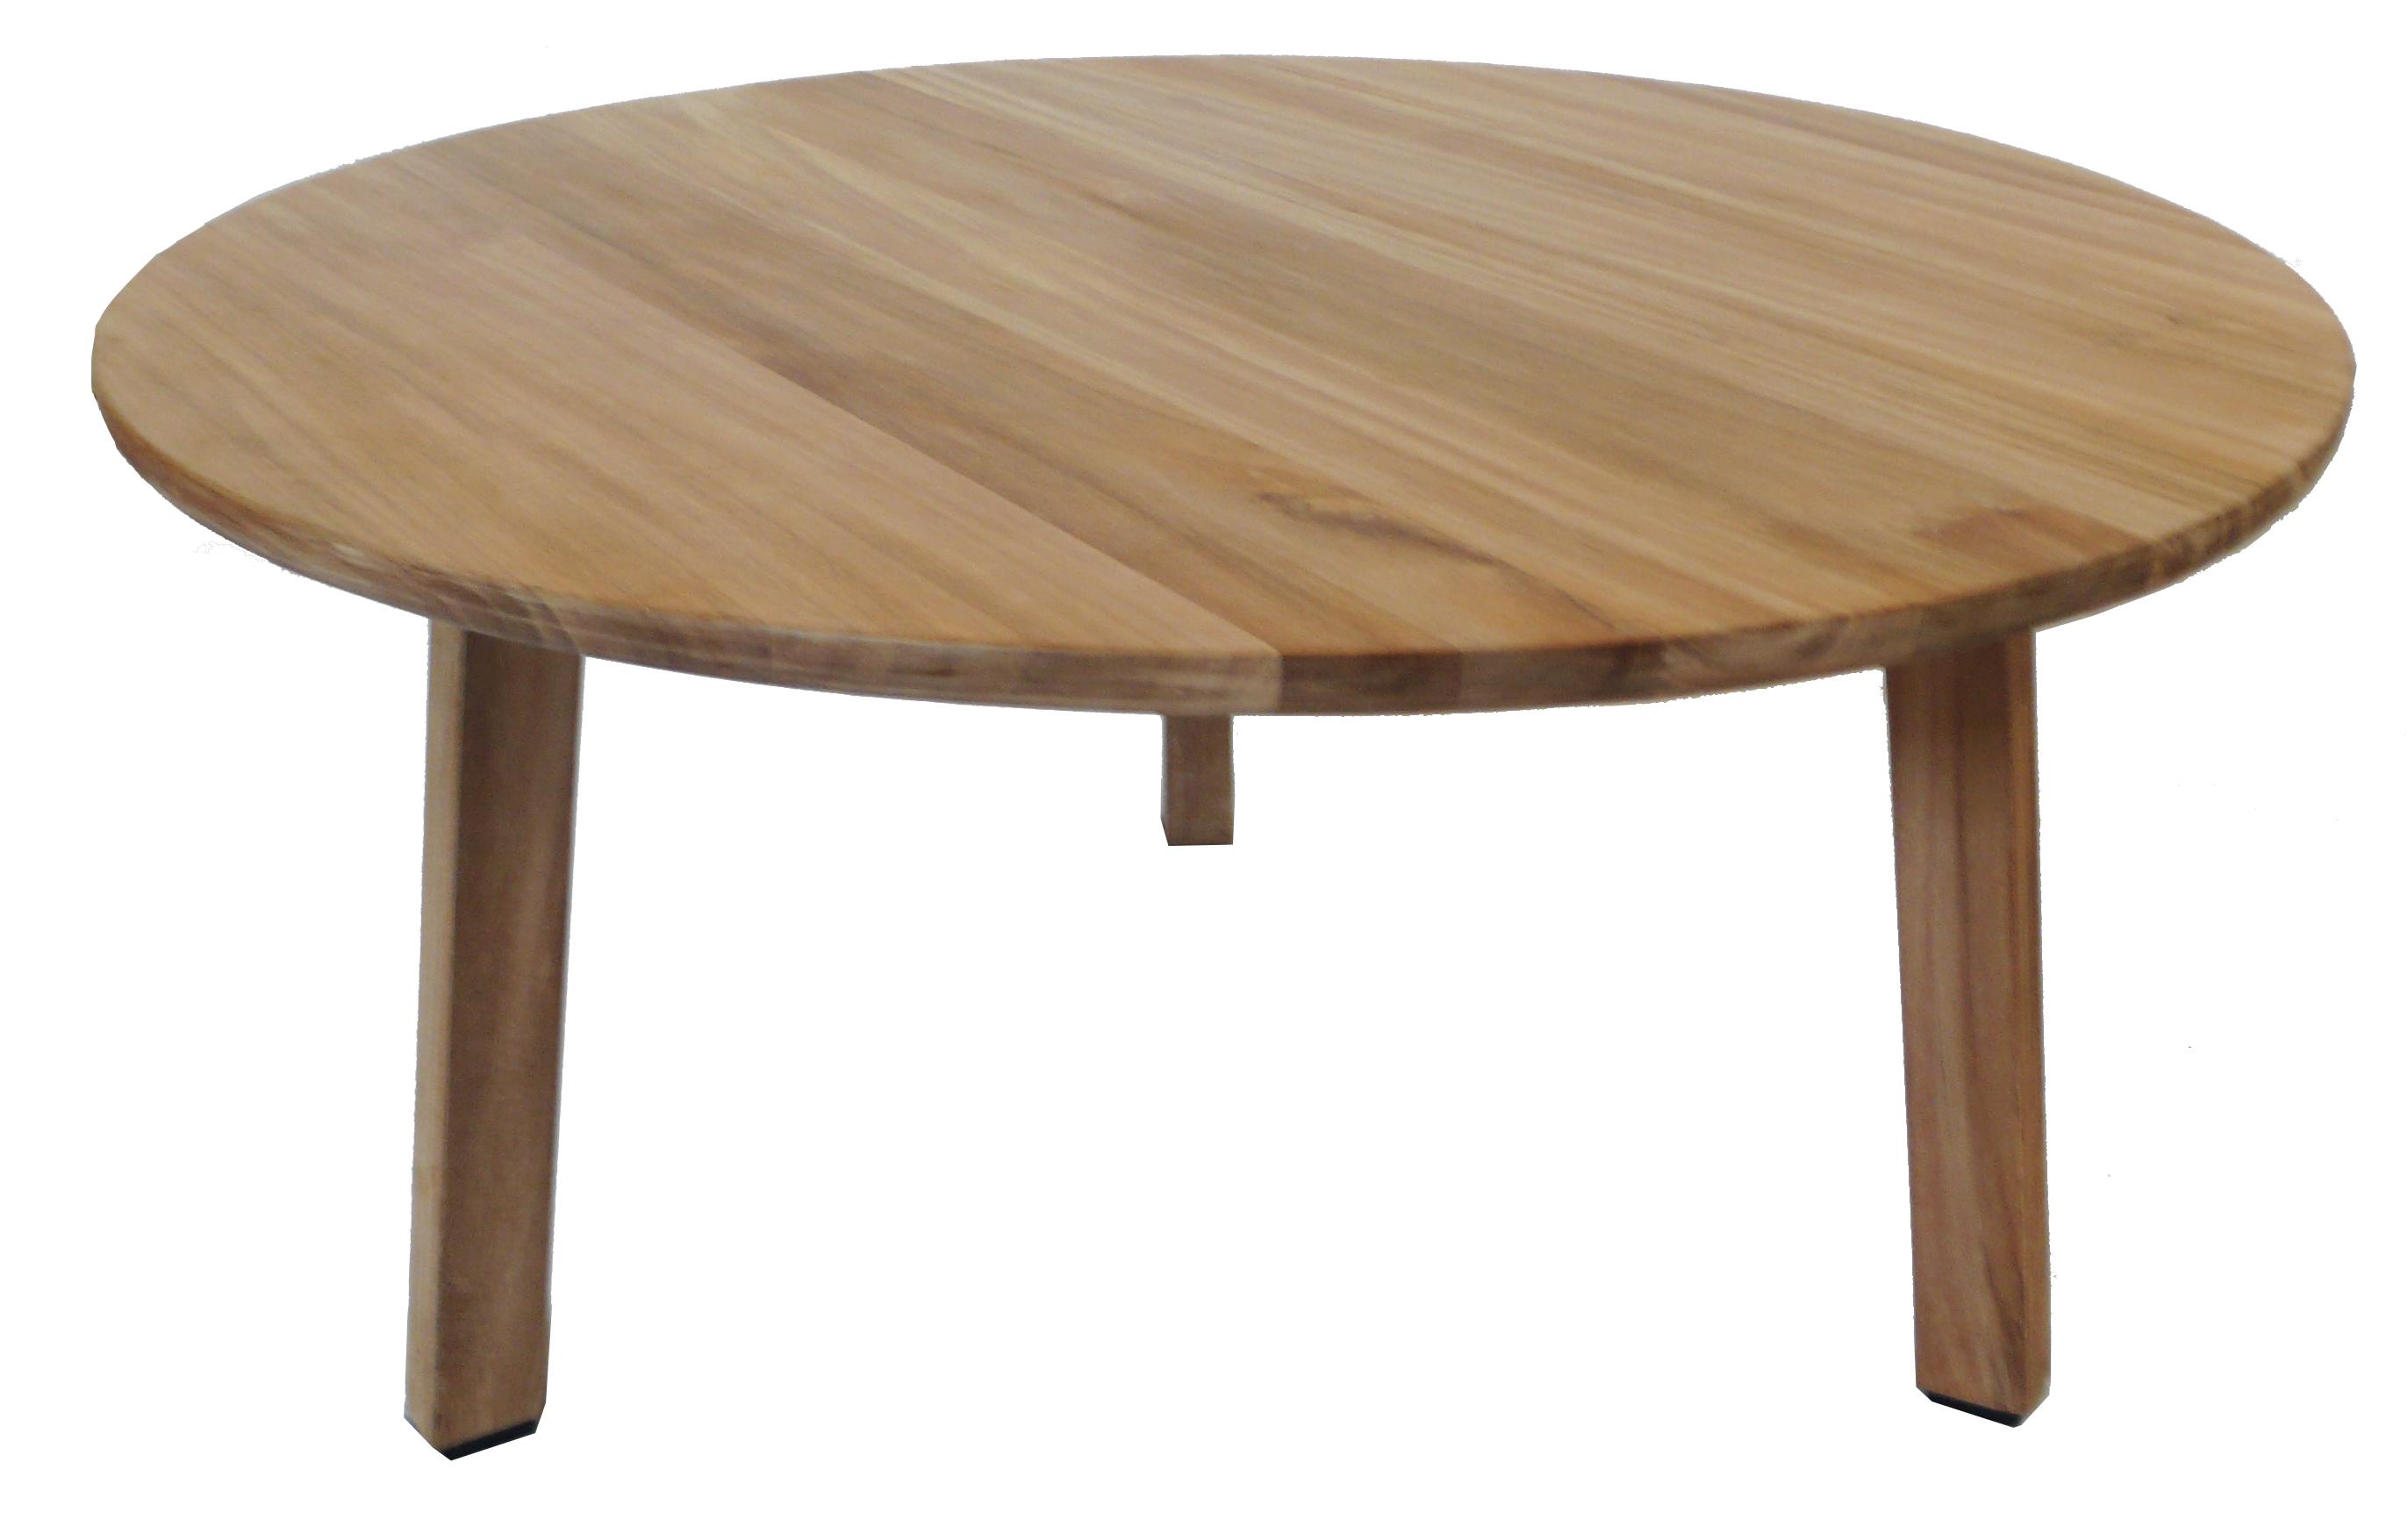 MALI COFFEE TABLE